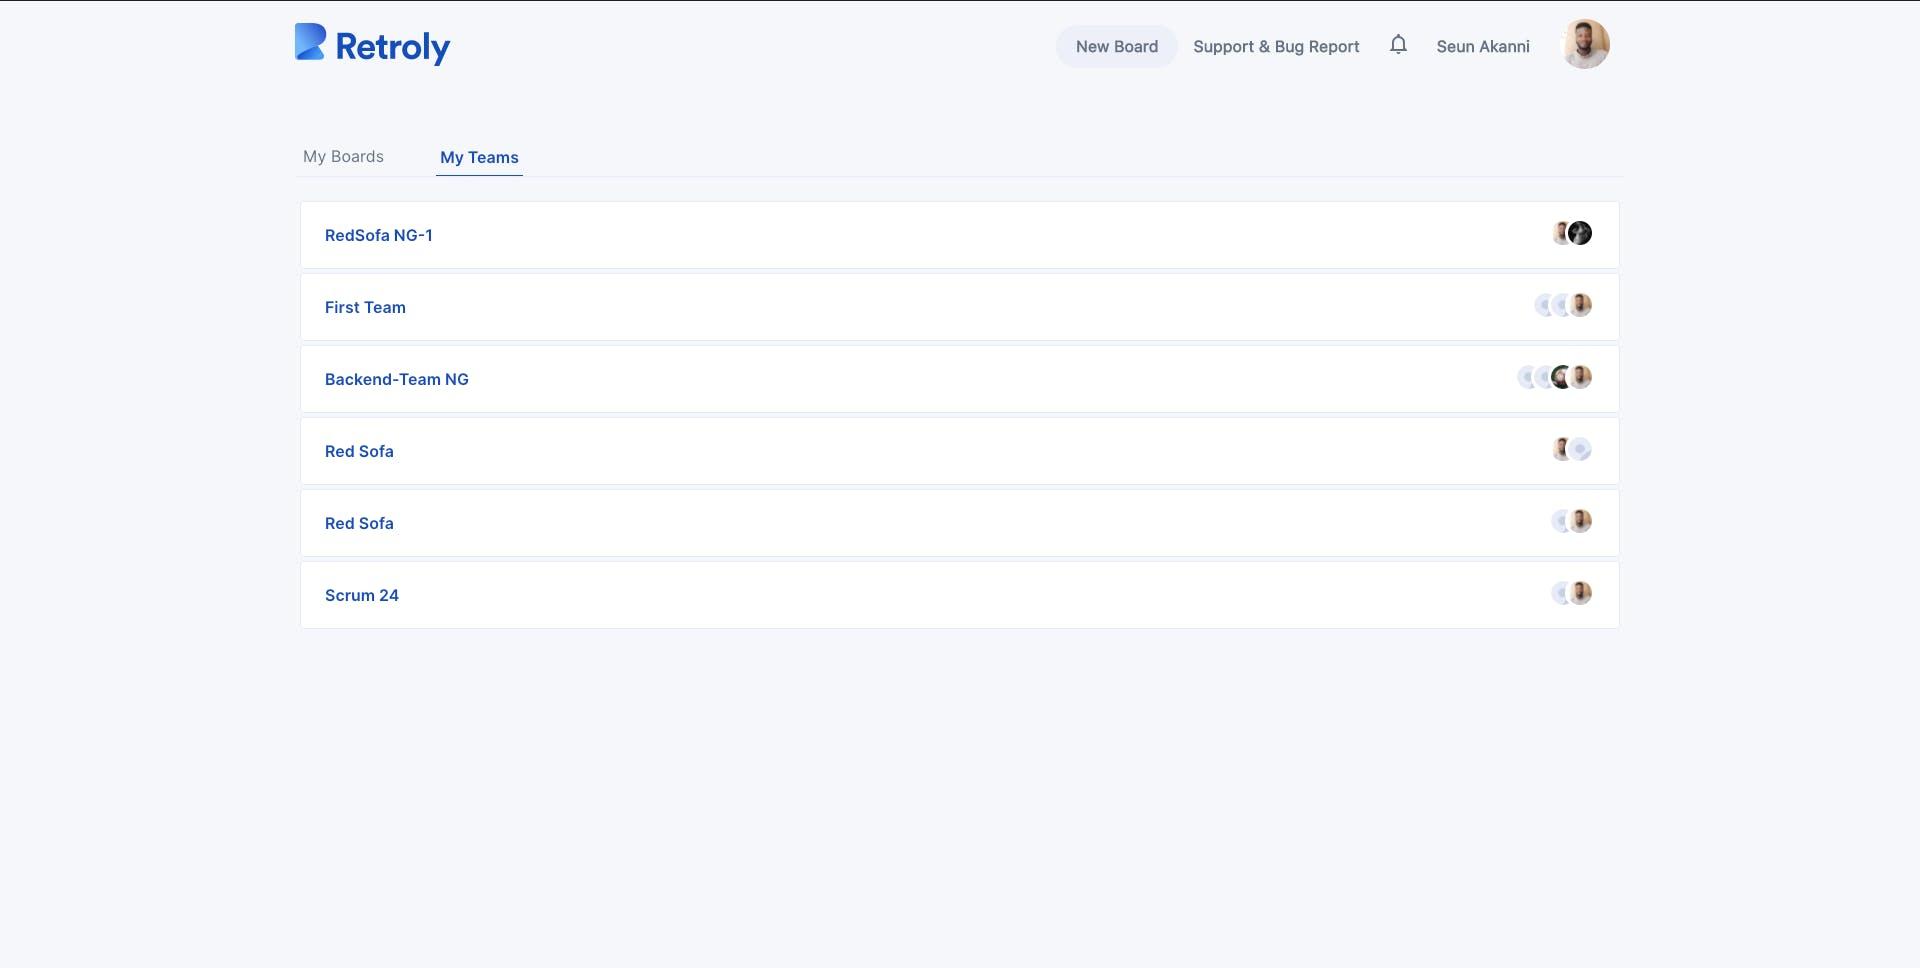 Screenshot 2020-08-22 at 18.05.44.png